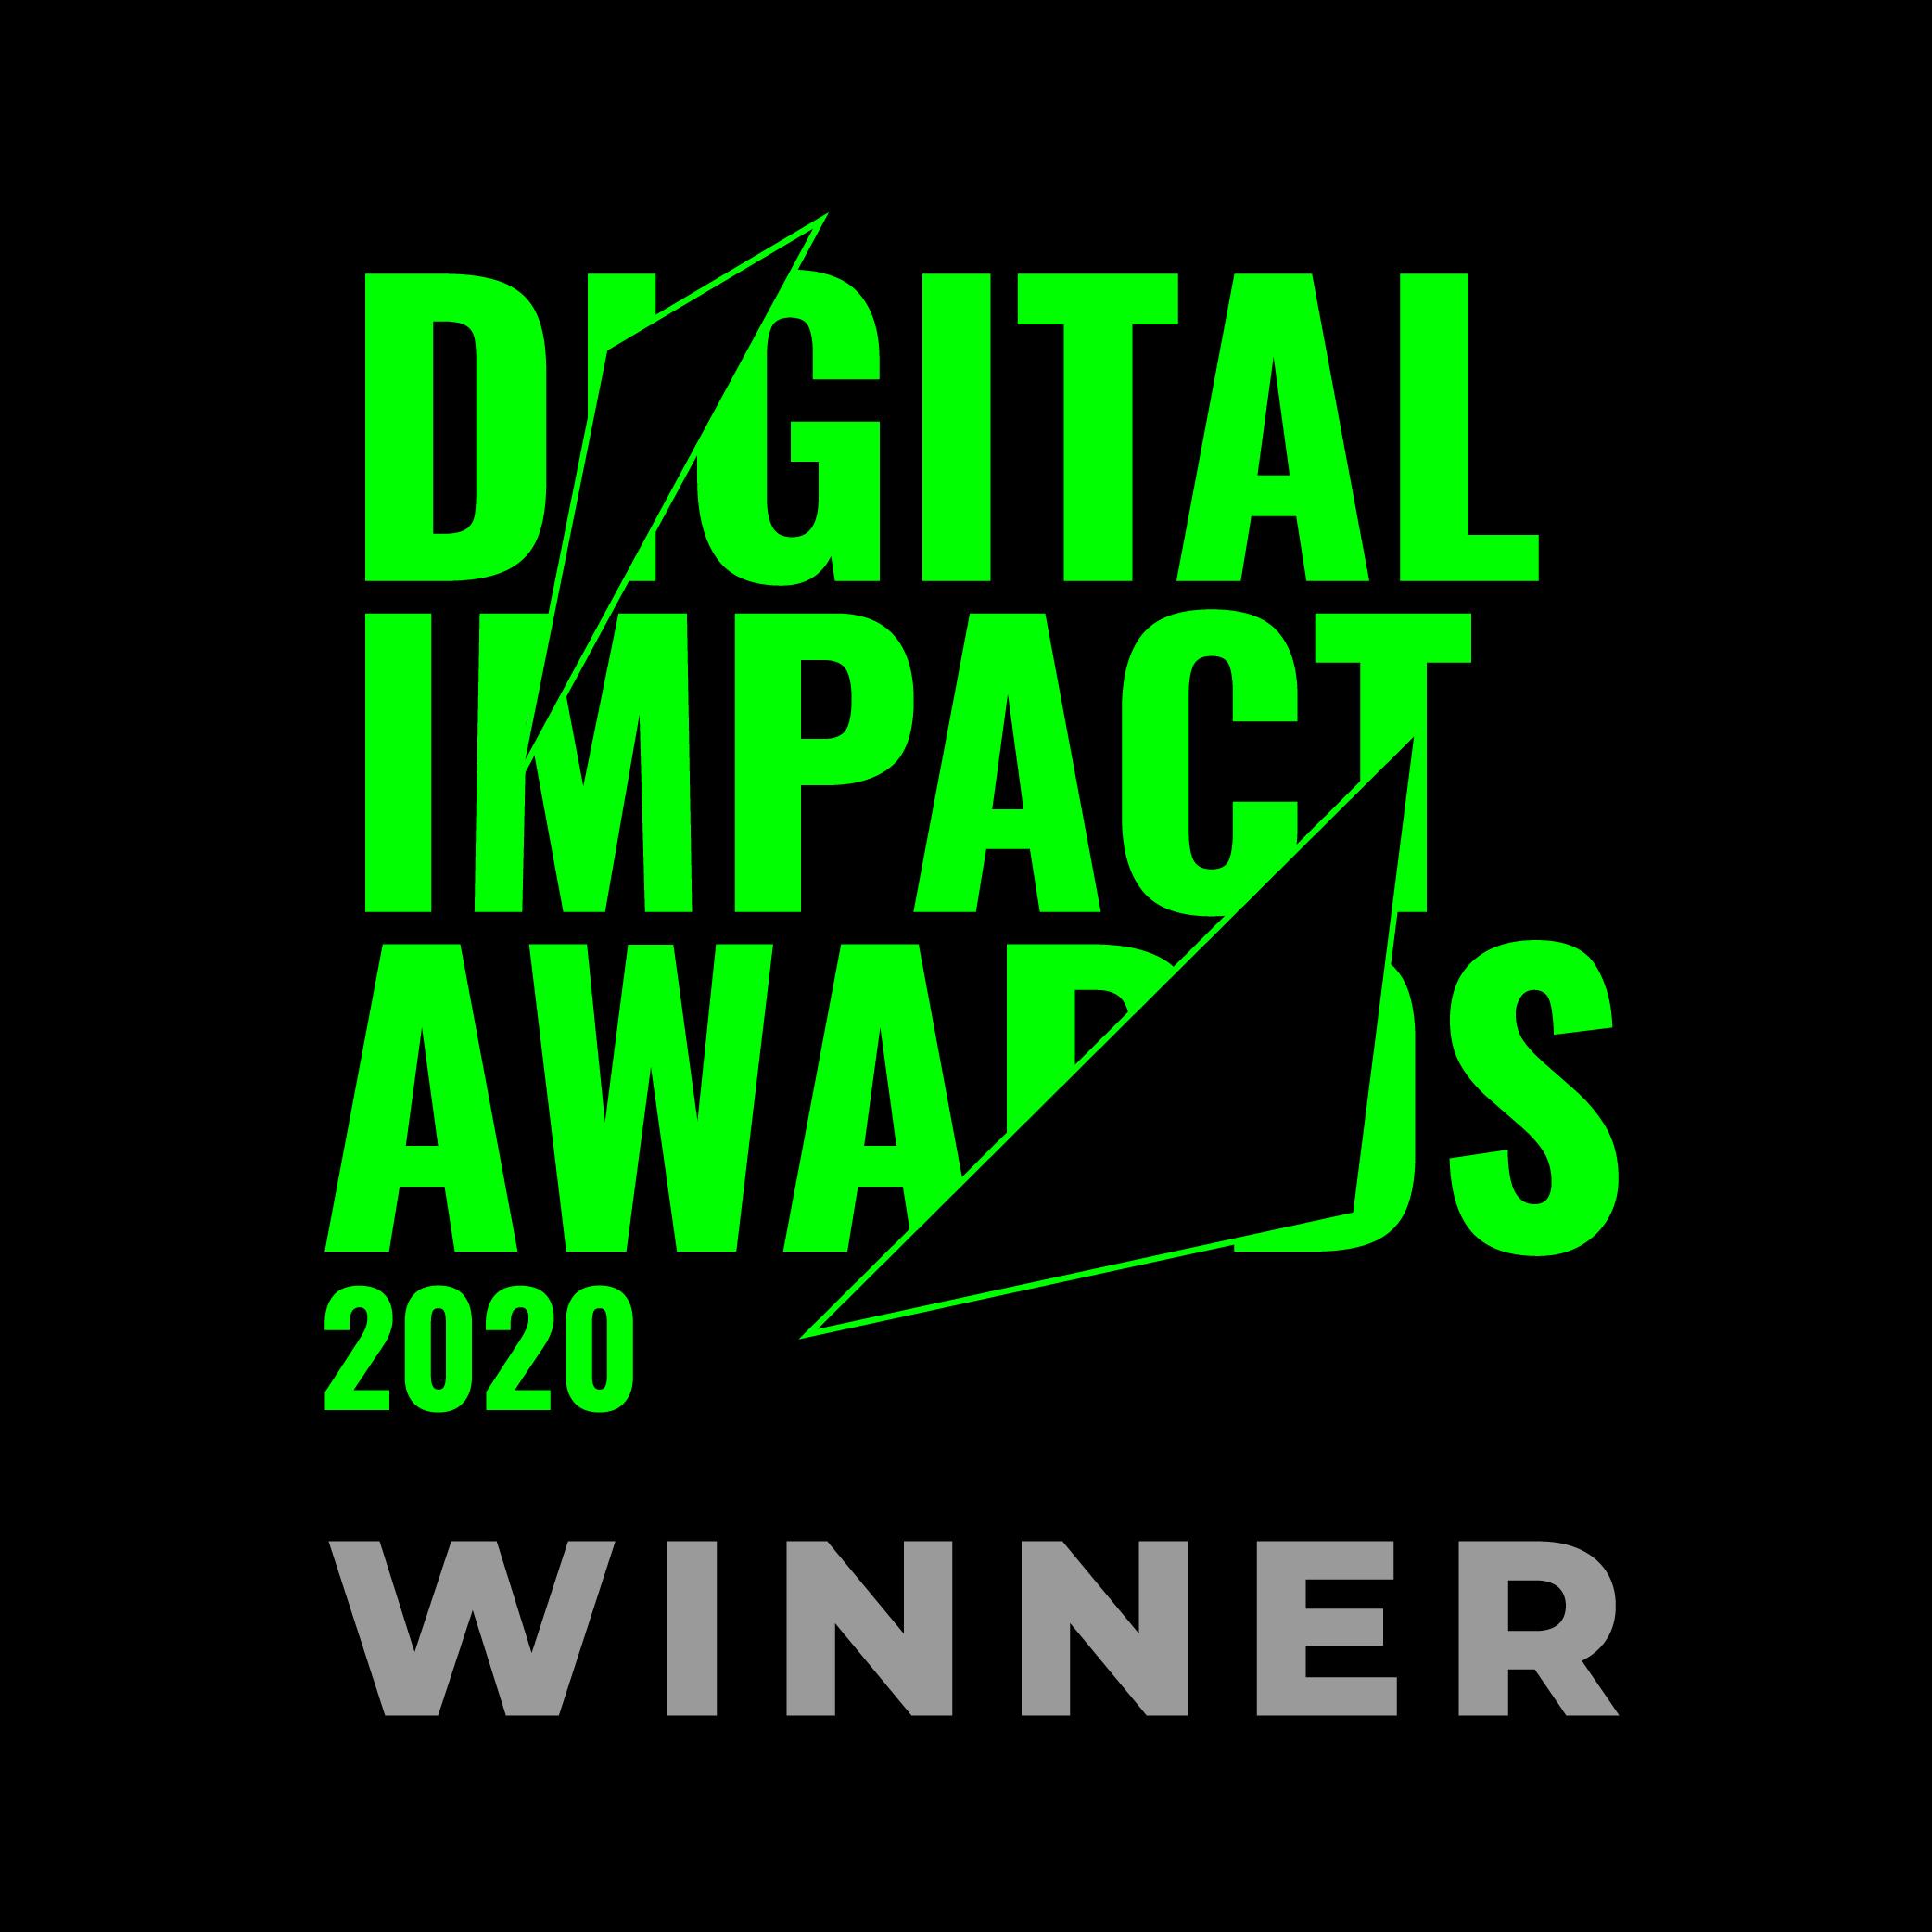 Digital Impact Award Winner